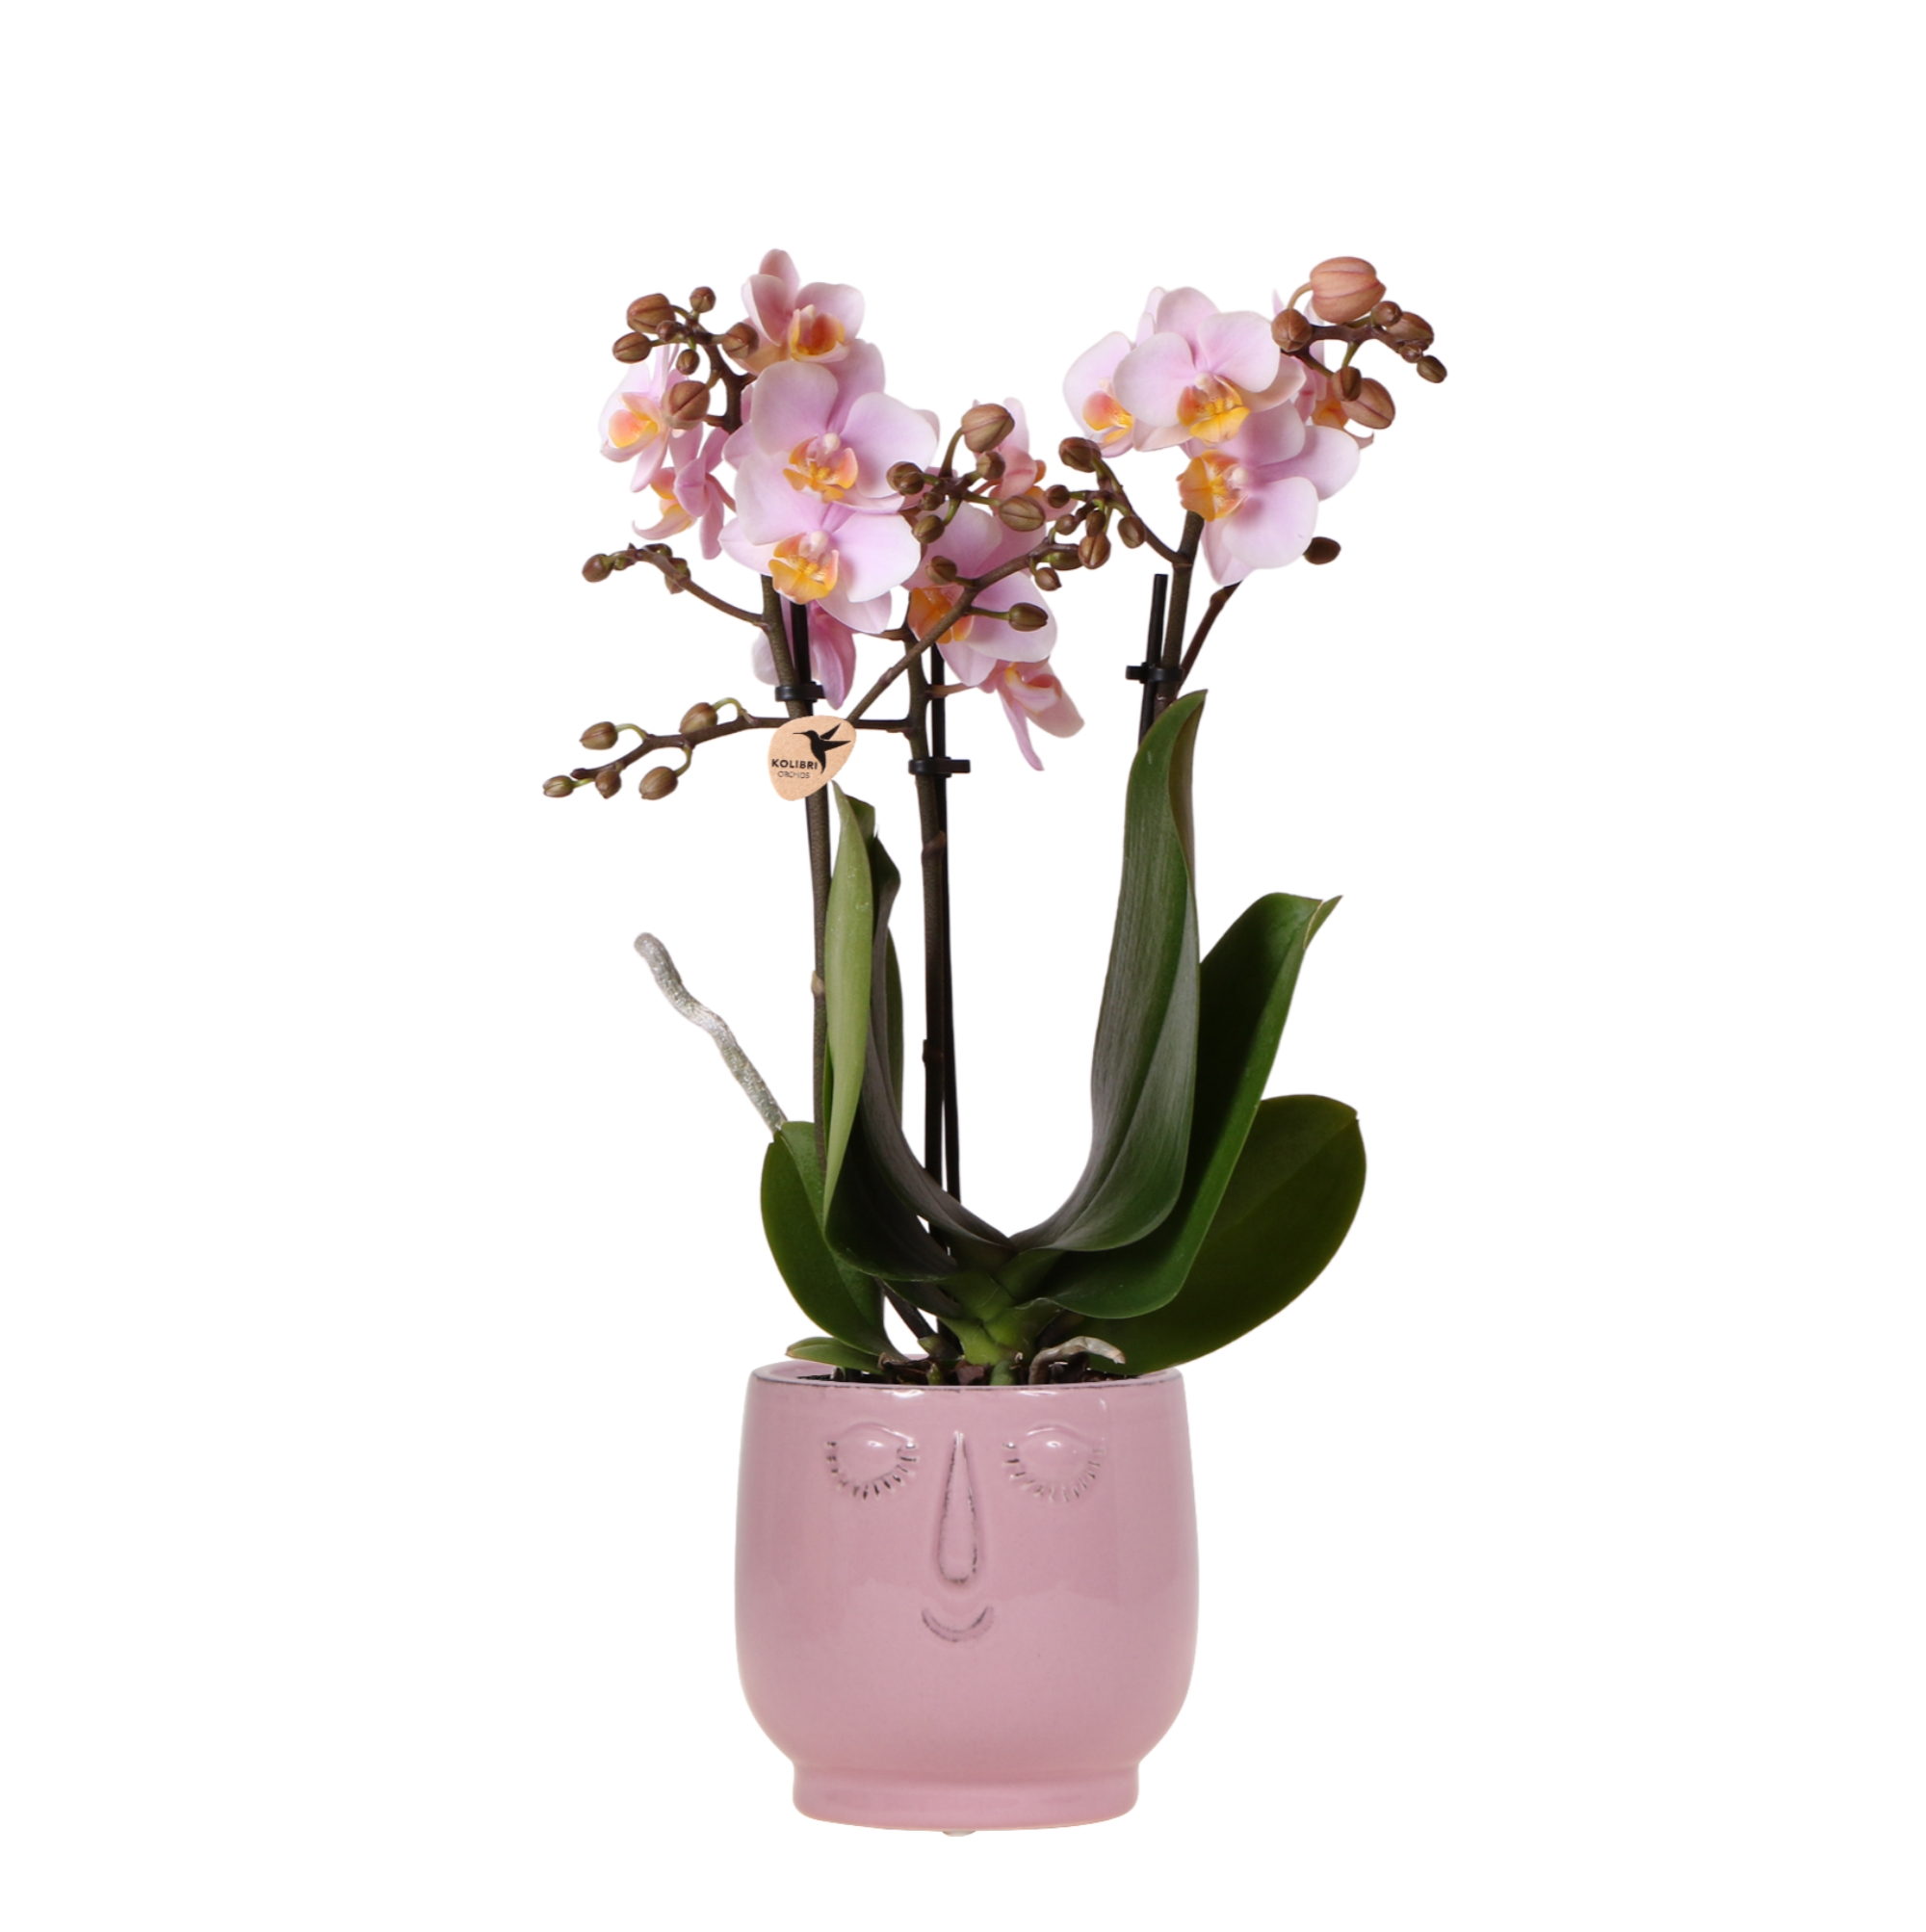 planten set plantenset kolibri orchids pink in happy face pot pink 9cm